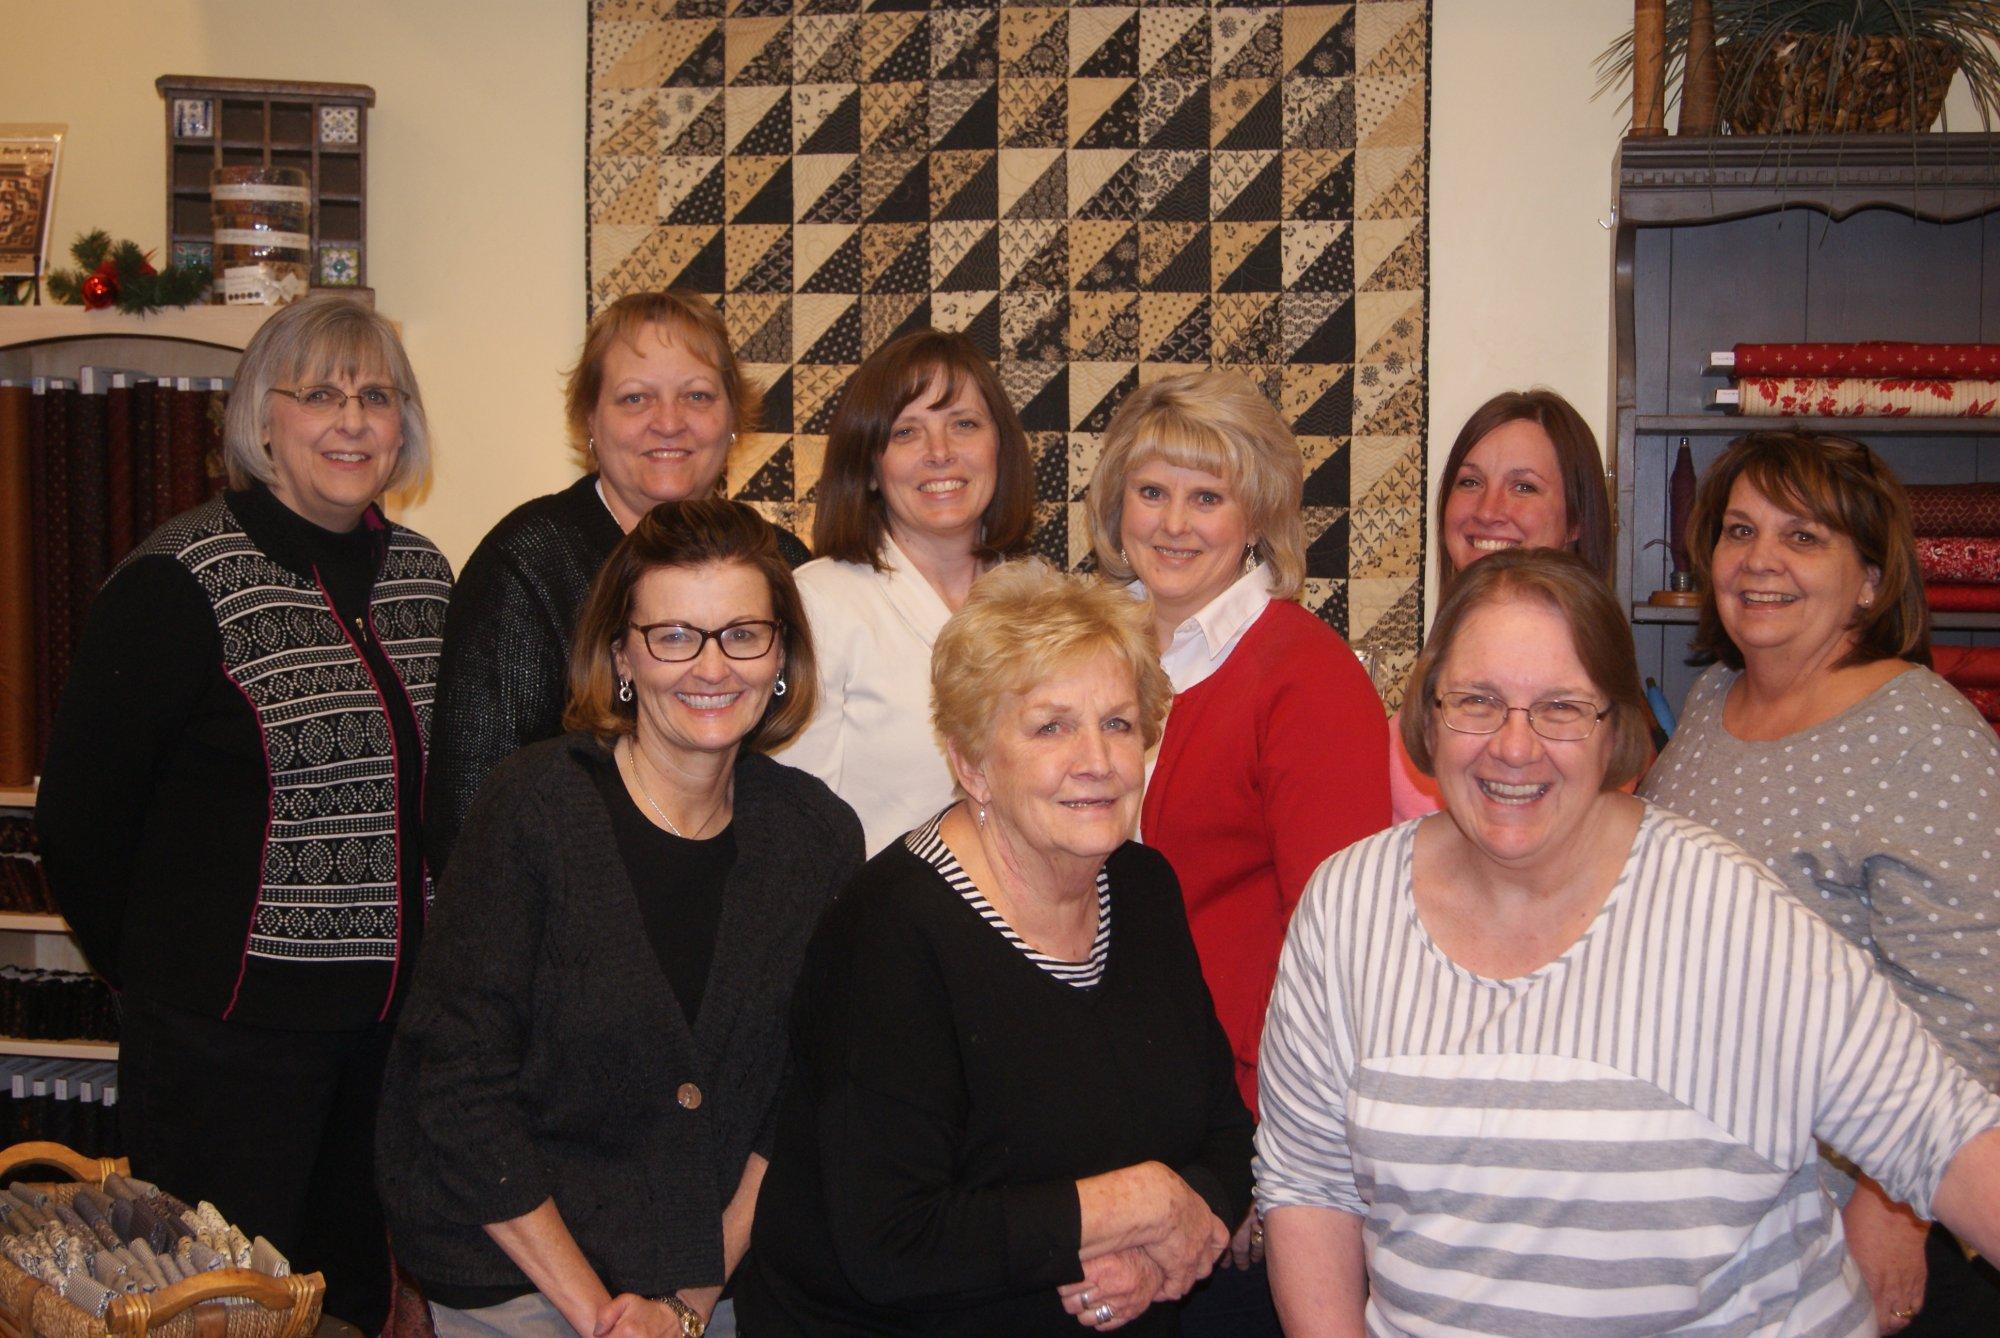 Jan, Carla, Julie, Linda, Chelcie, Gayle